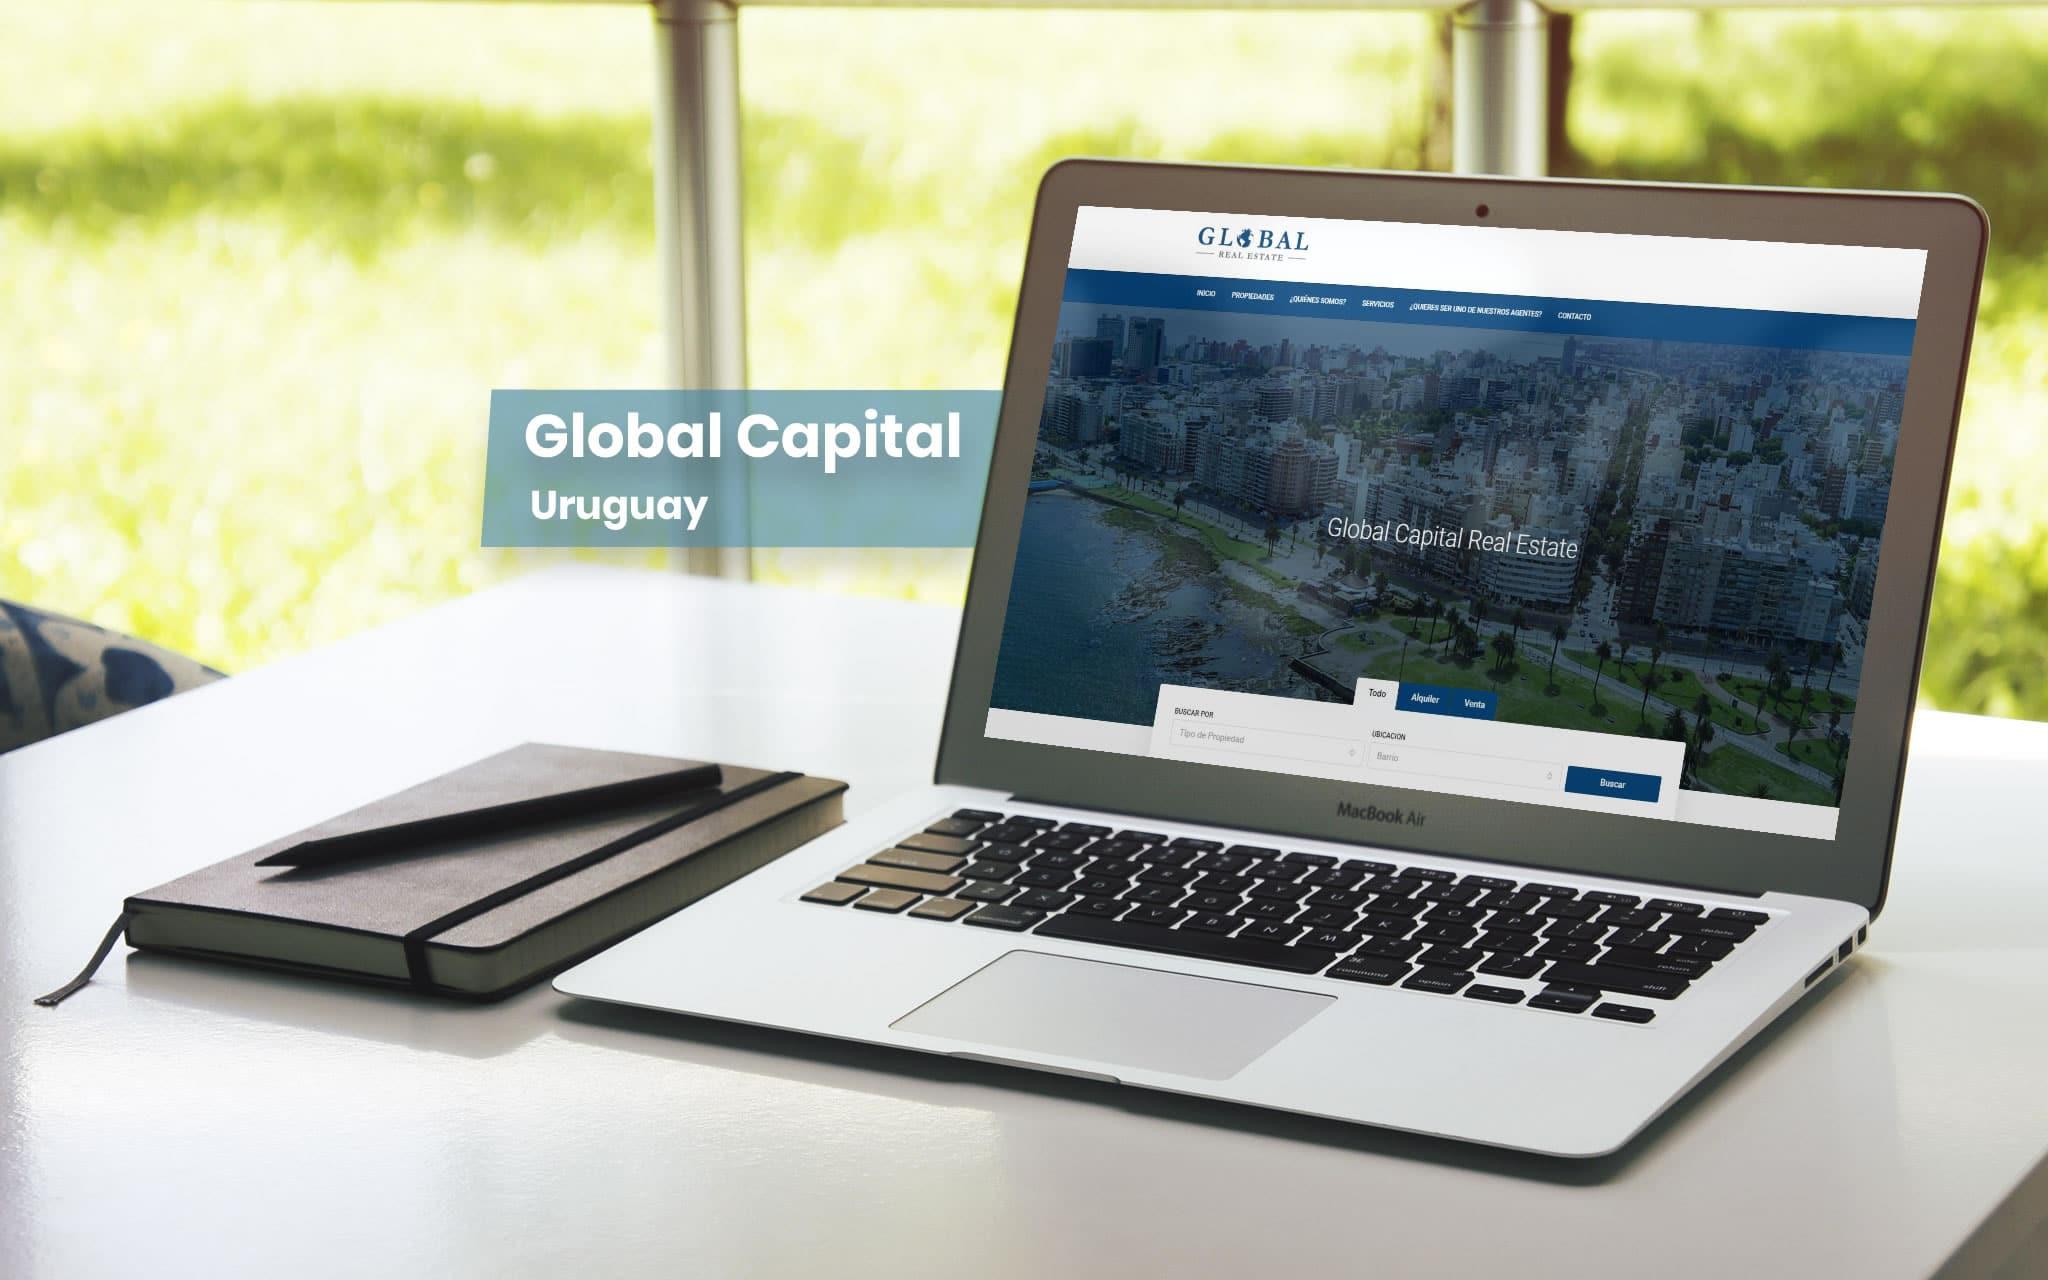 Global Capital - Uruguay